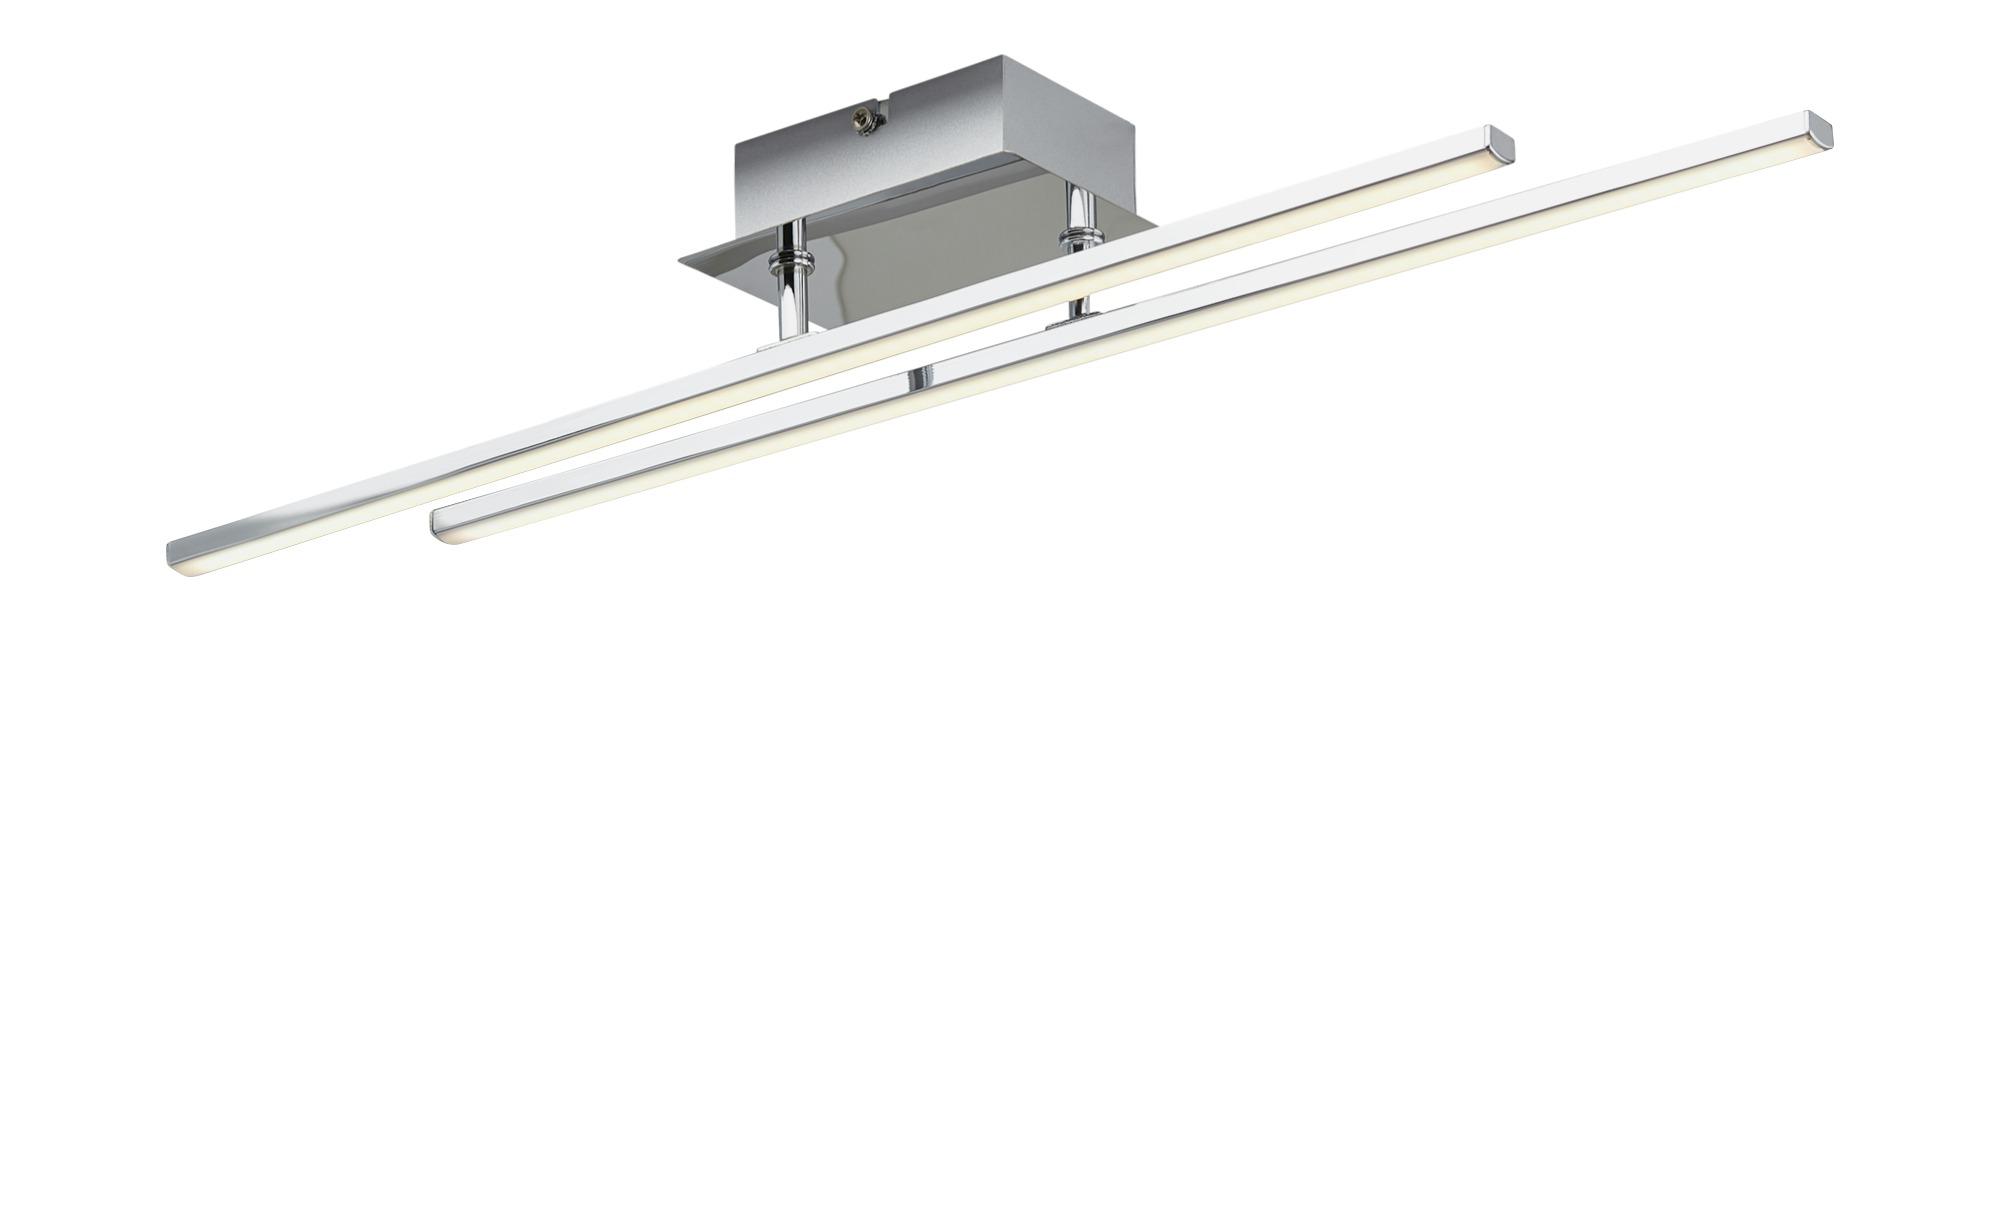 KHG LED-Deckenleuchte, 2-flammig chrom ¦ silber ¦ Maße (cm): B: 8 H: 4,5 Lampen & Leuchten > Innenleuchten > Deckenleuchten - Höffner